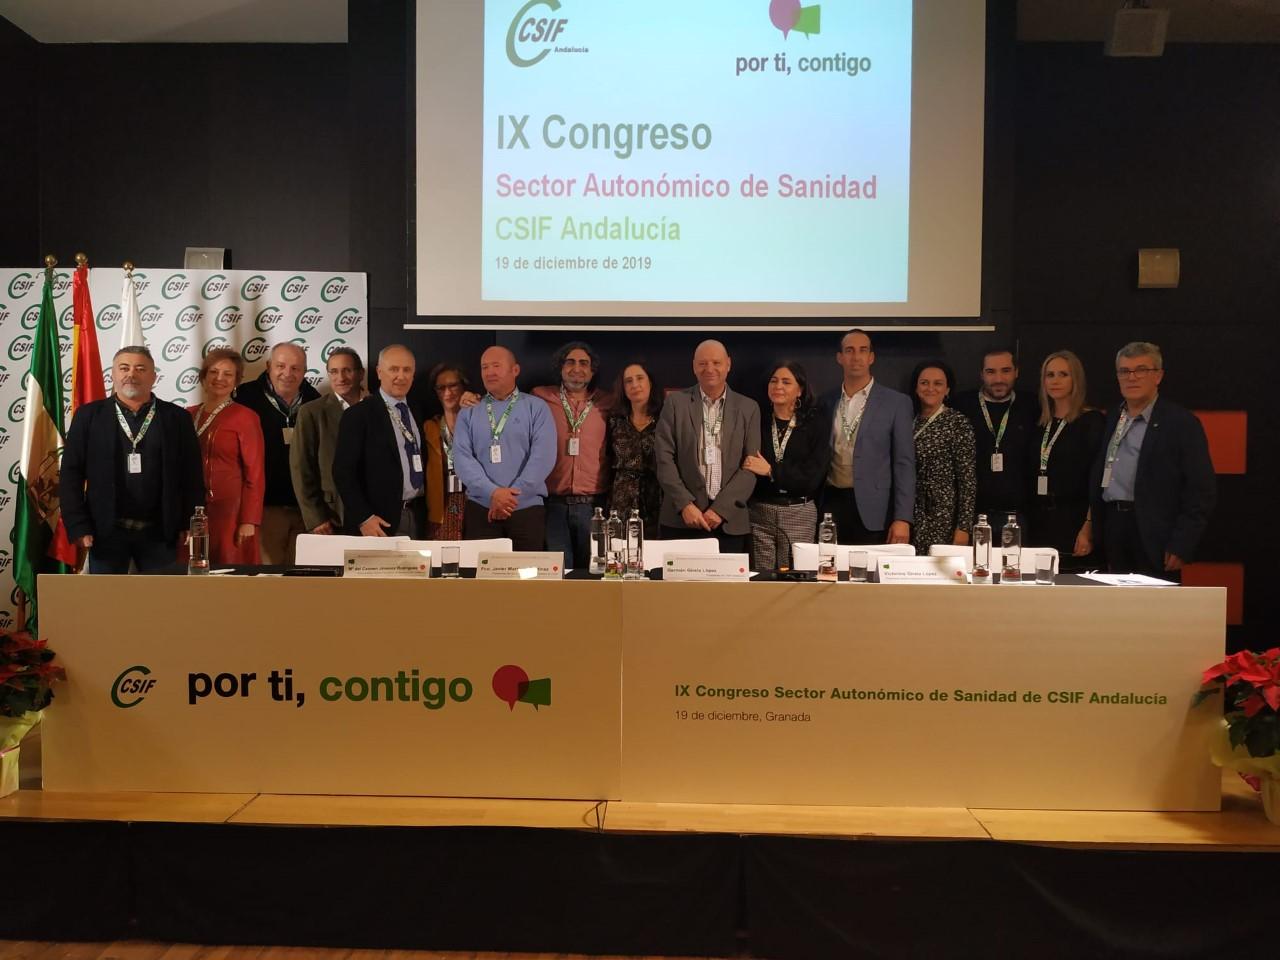 Victorino Girela nombrado presidente del sector de Sanidad de CSIF Andalucía